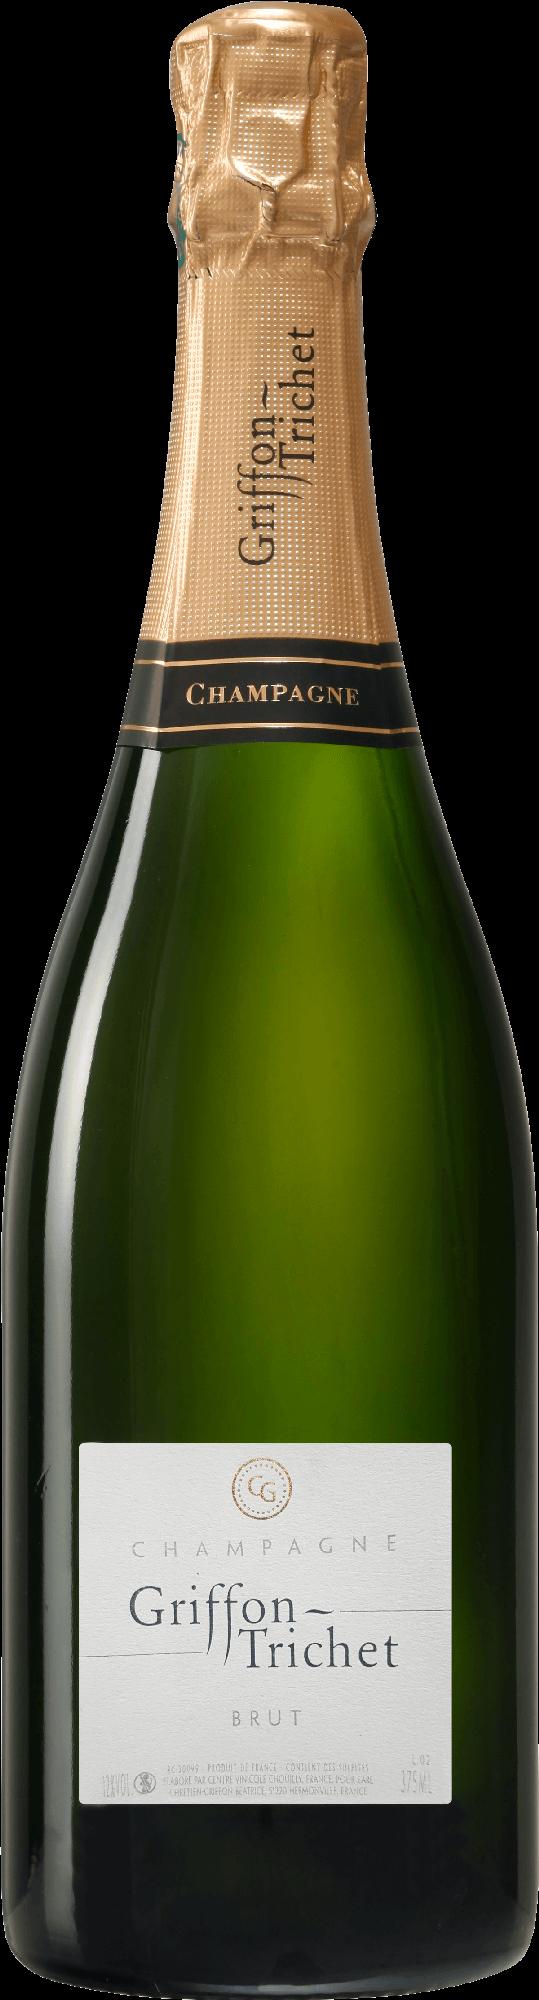 Champagne Griffon Trichet Notre Famille Bouteille de Champagne